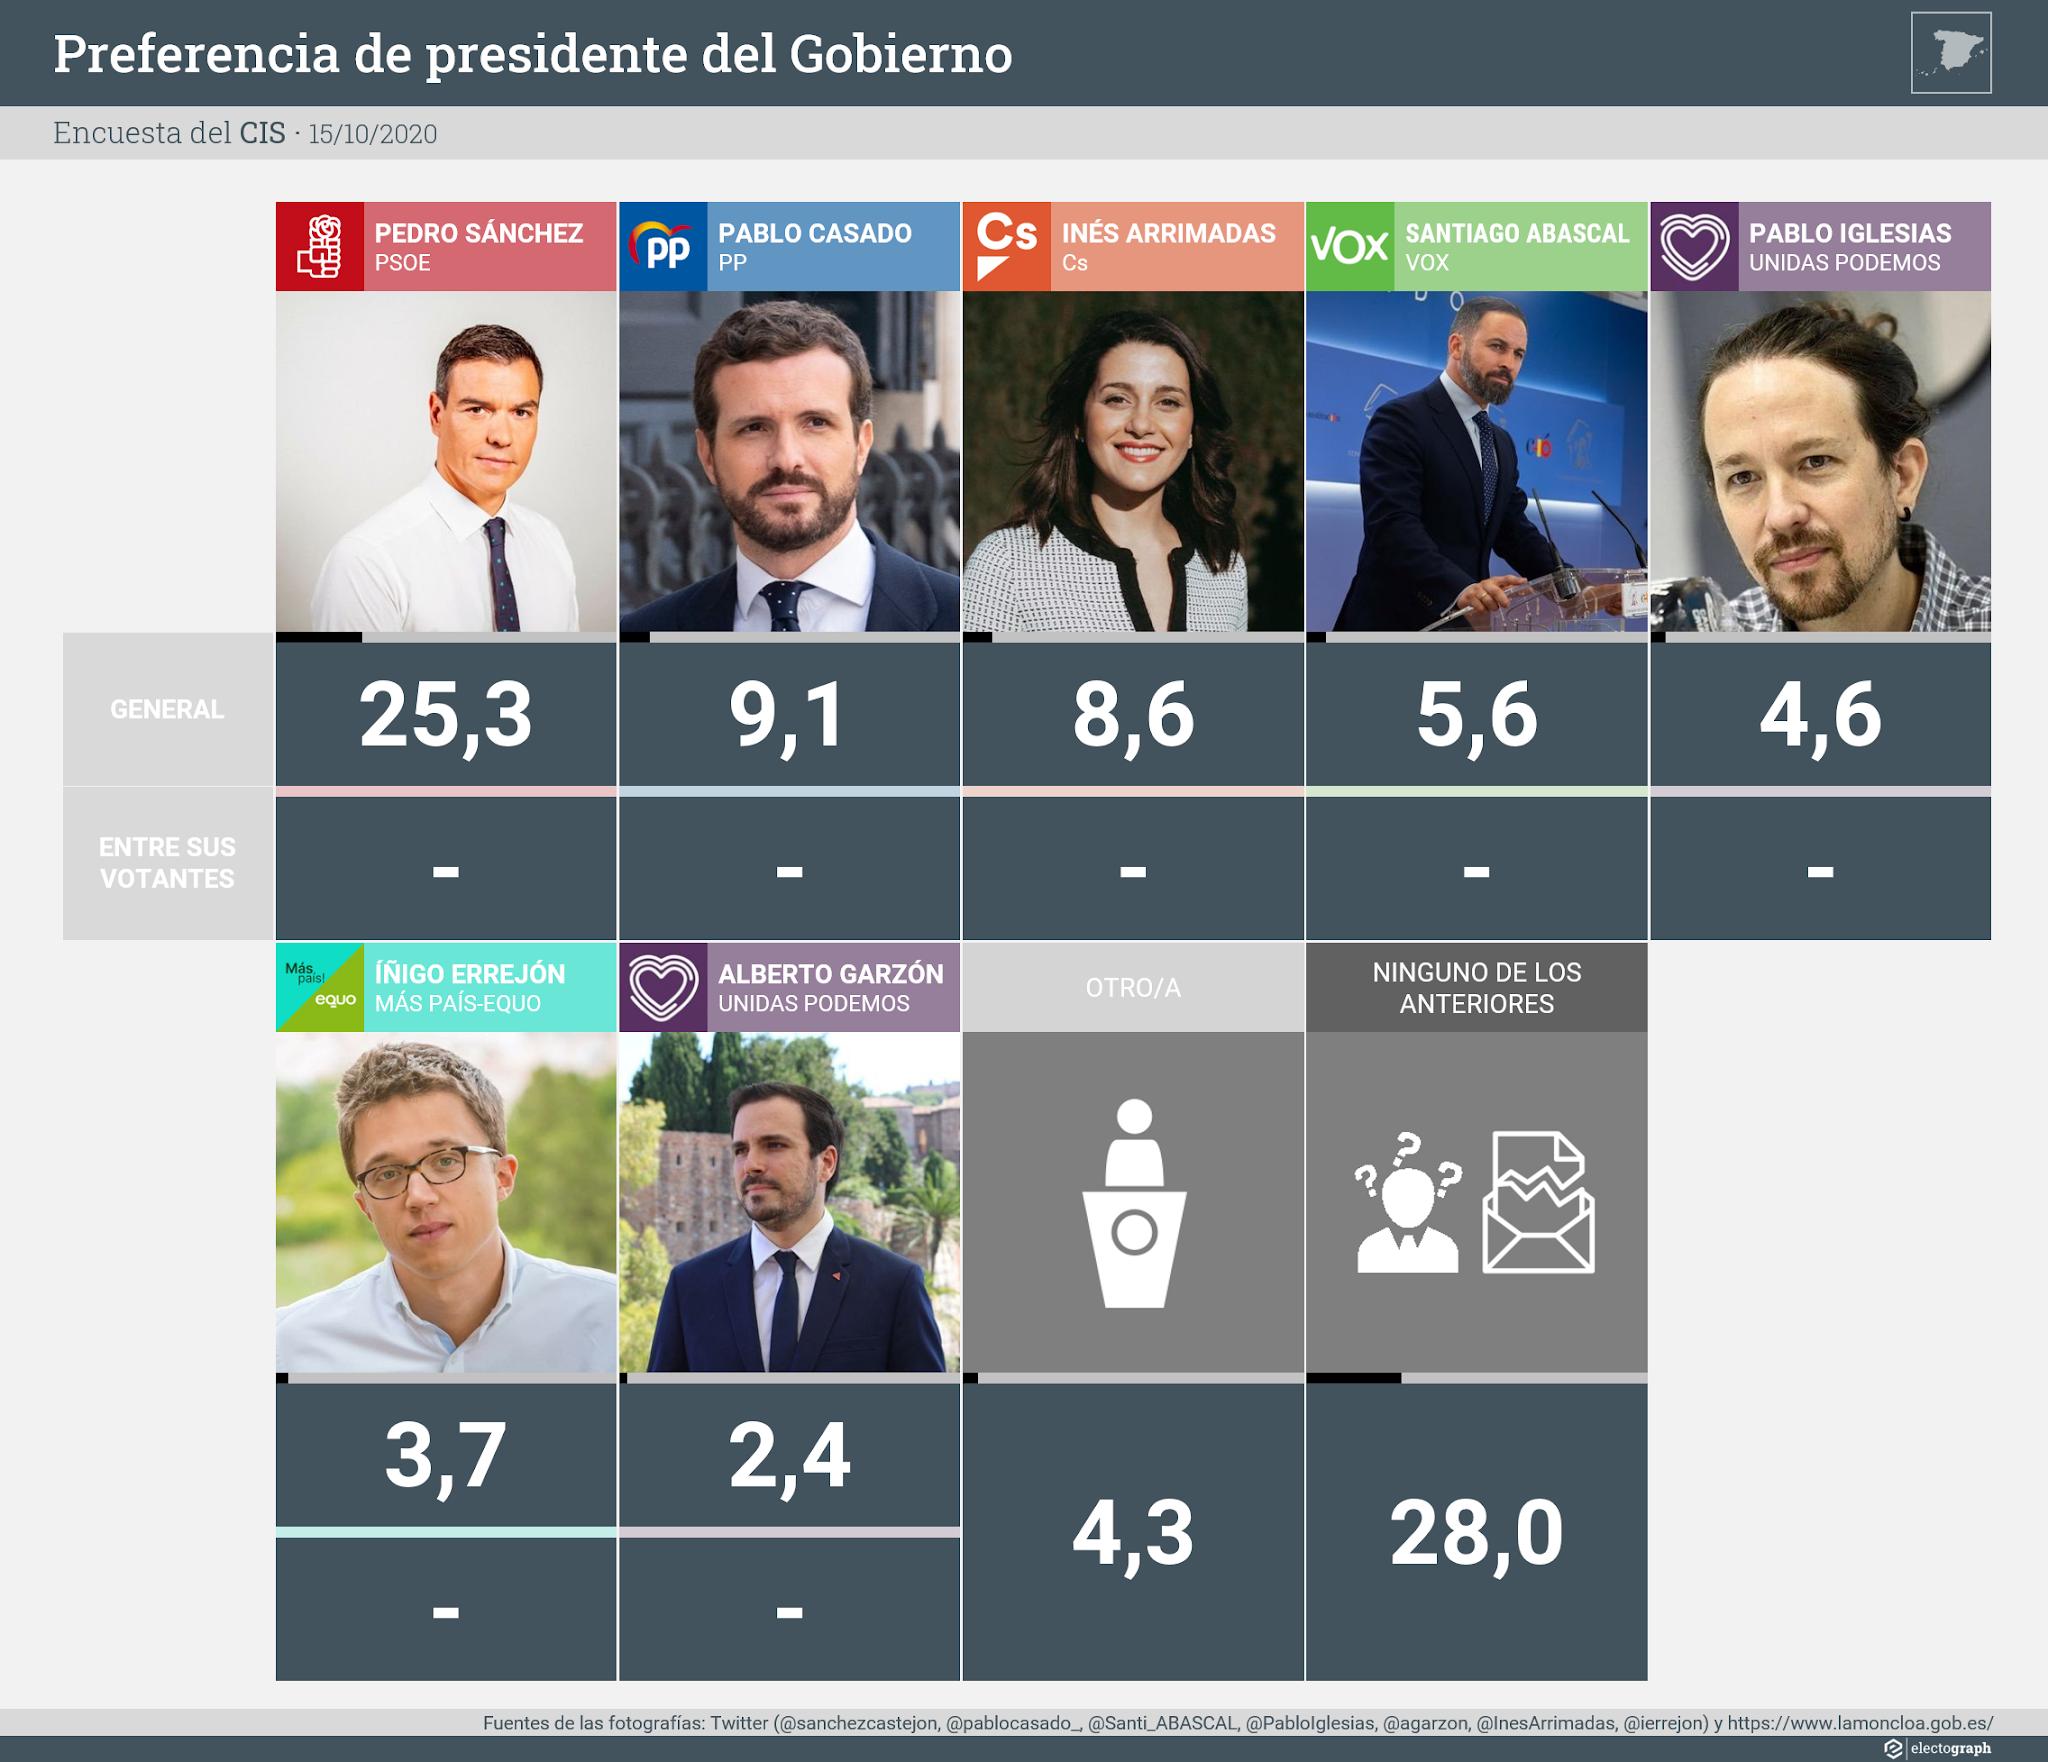 Preferencia de presidente del Gobierno, CIS octubre 2020